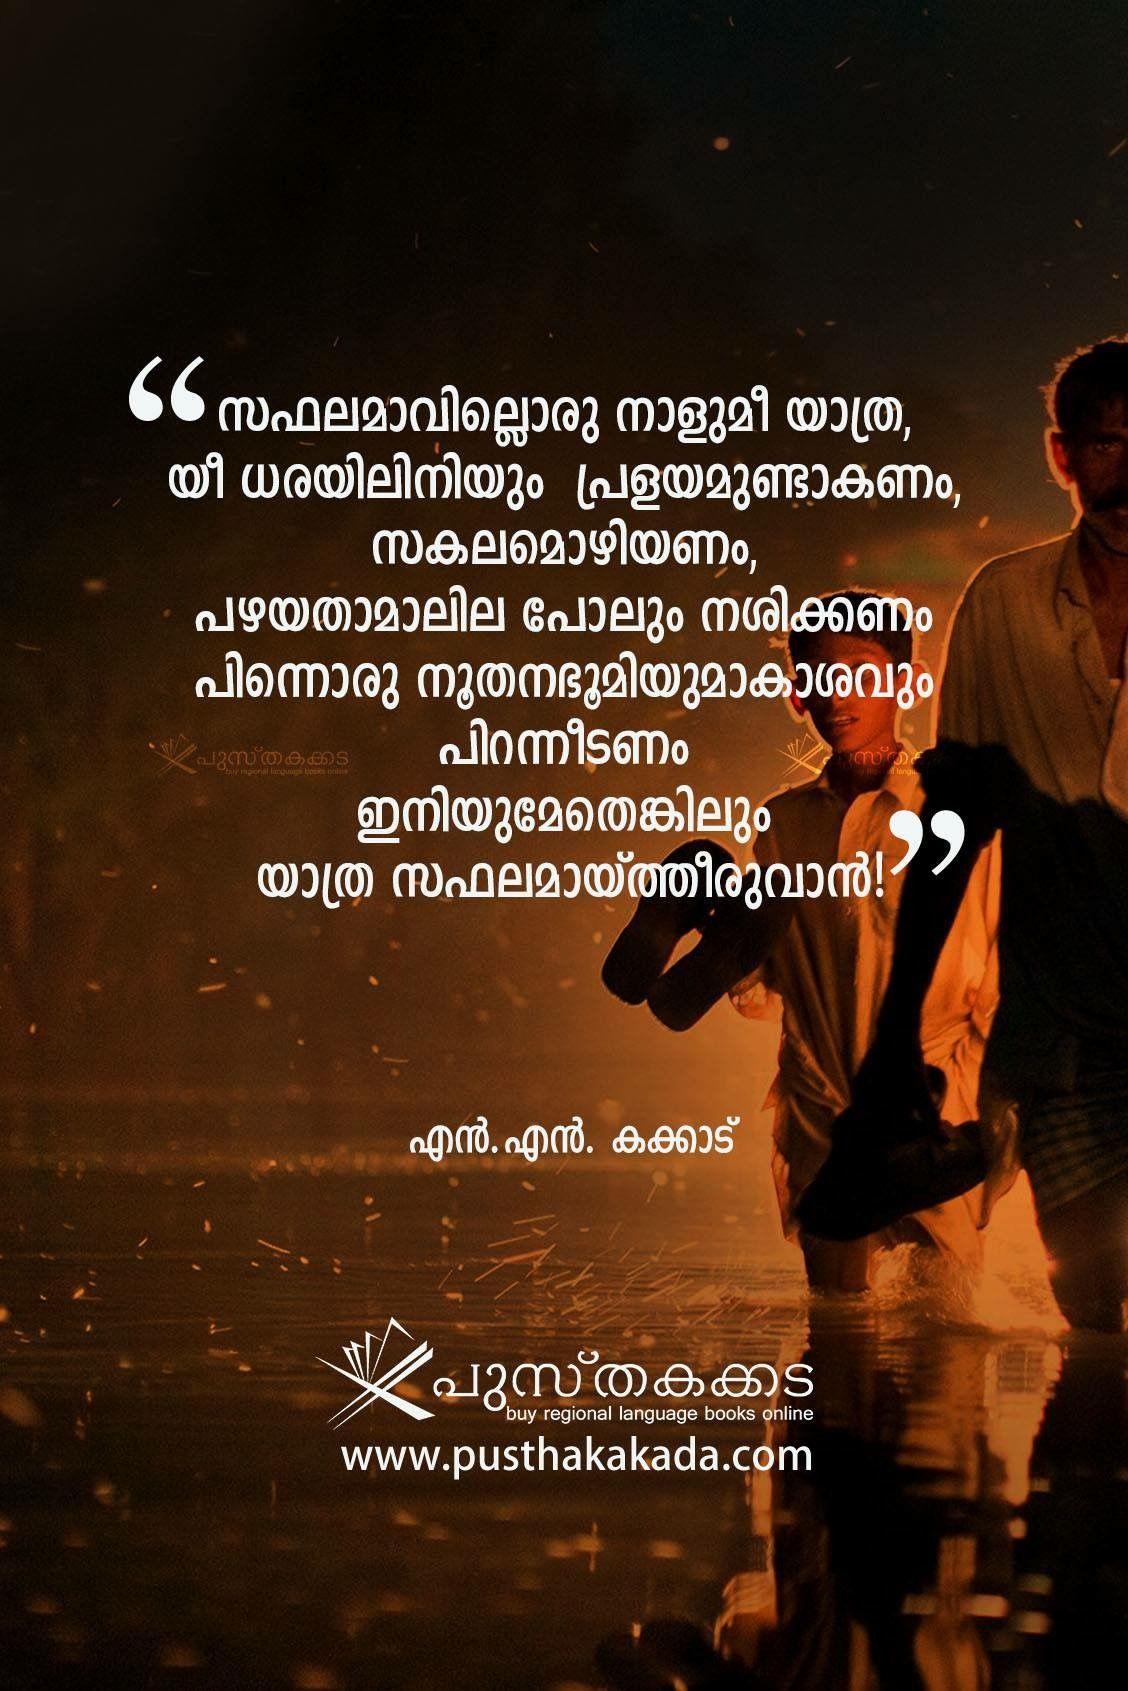 Pin by Rajesh Kumar A V on Malayalam quotes Malayalam